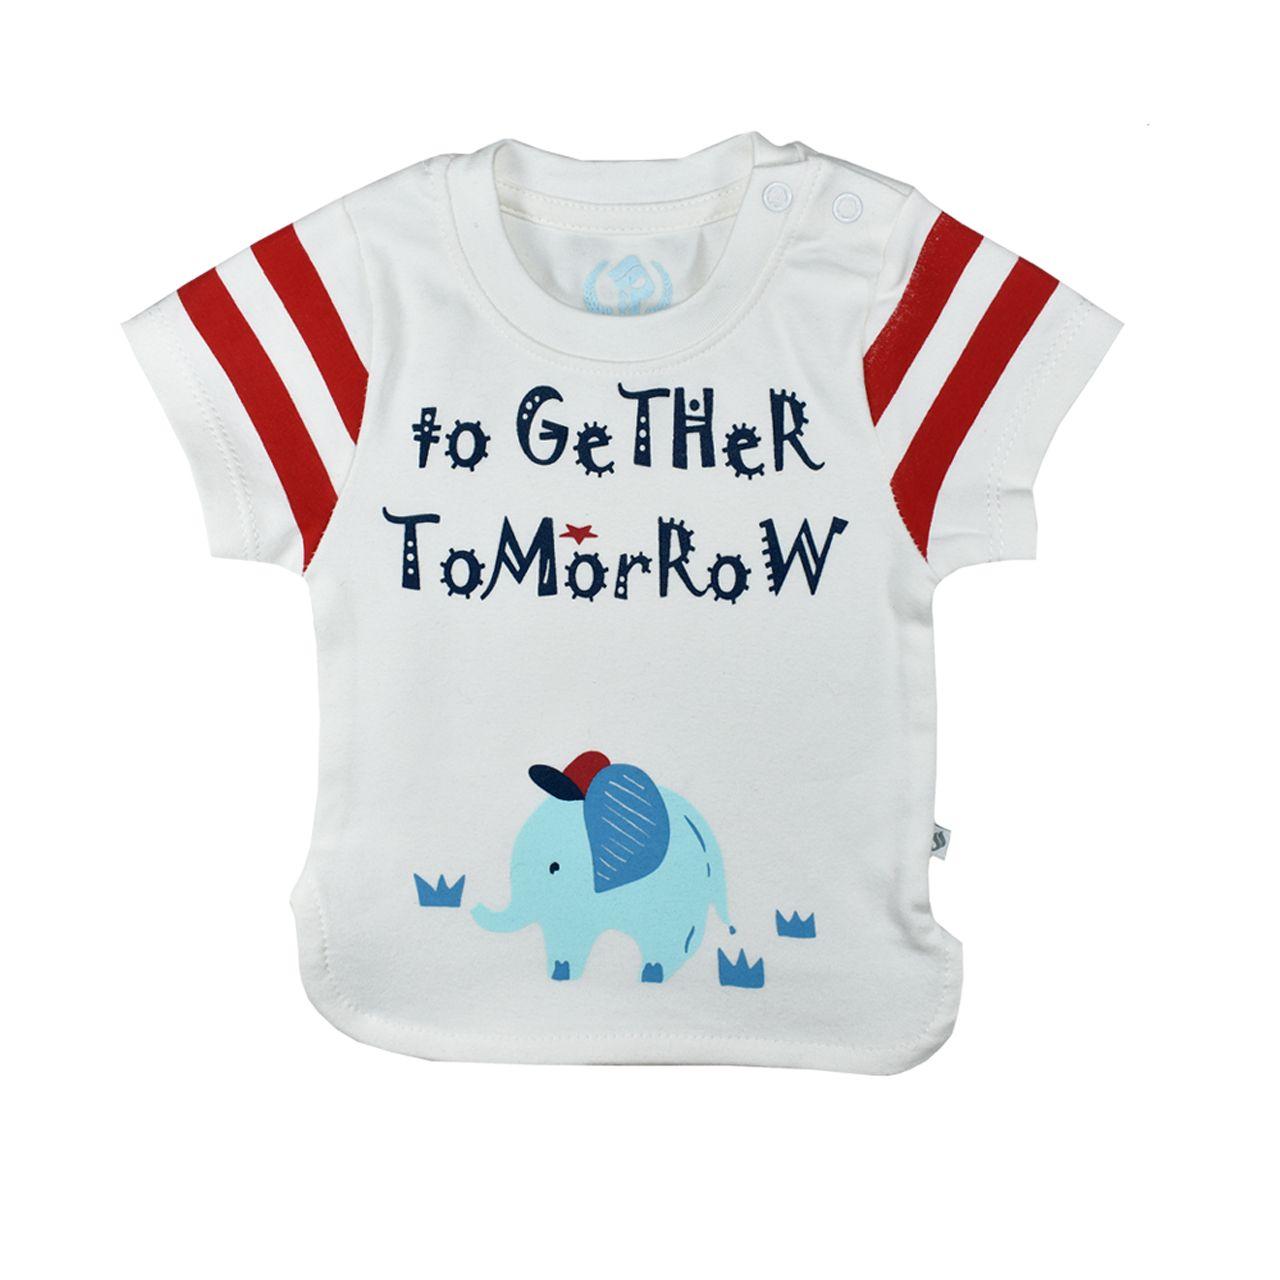 ست تیشرت و شلوارک نوزادی پوشیران کد 5511 -  - 7